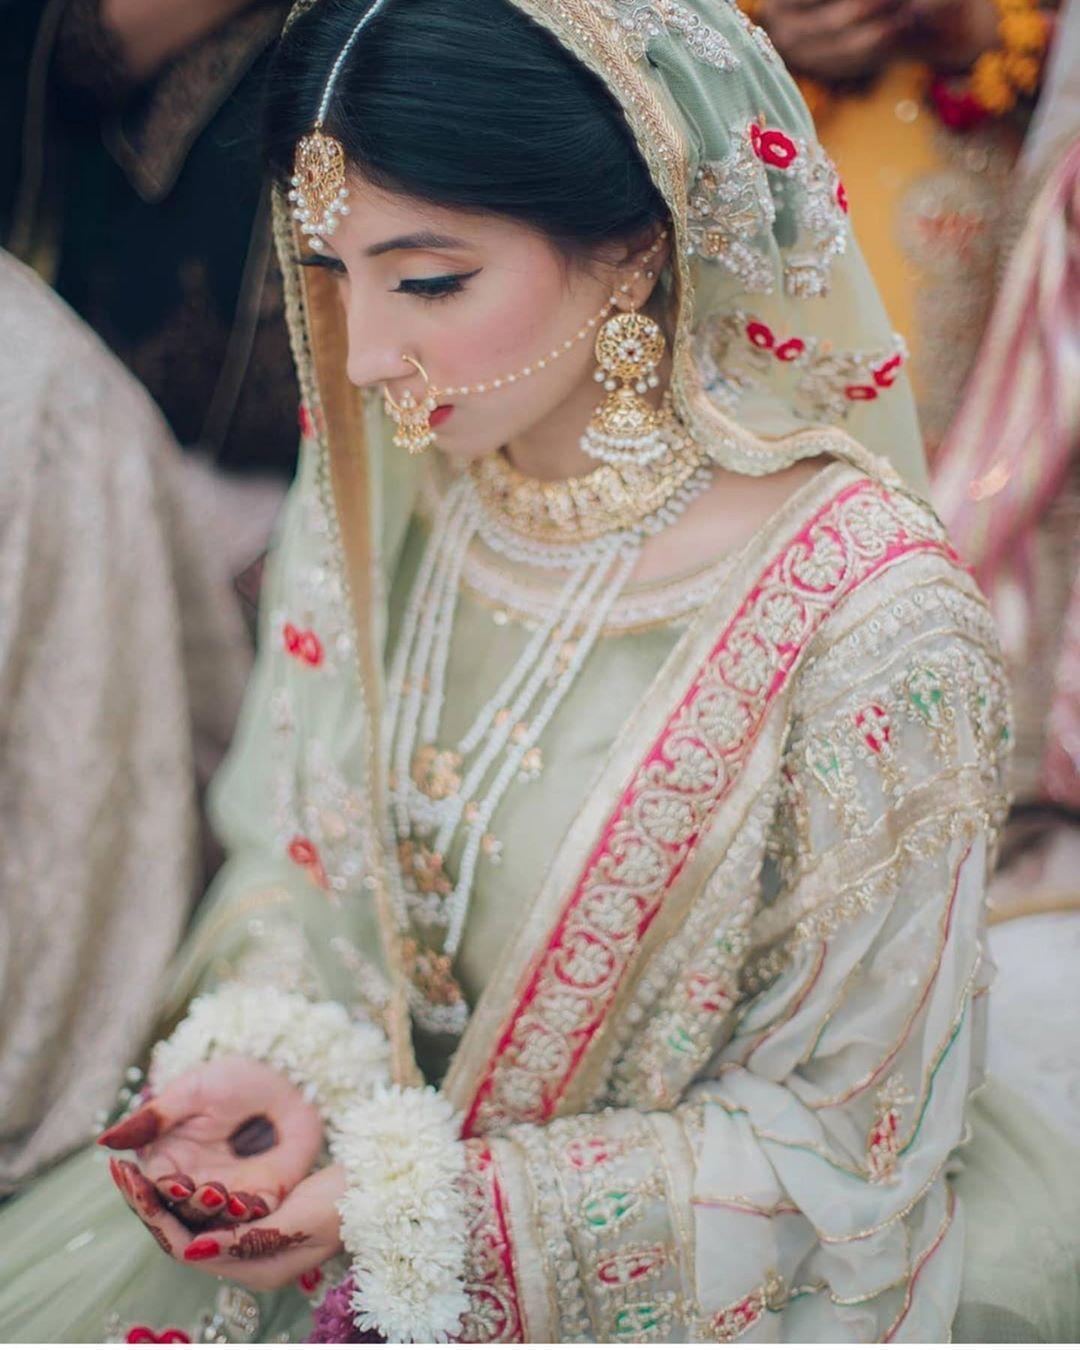 [+] Nikkah Wedding Dresses